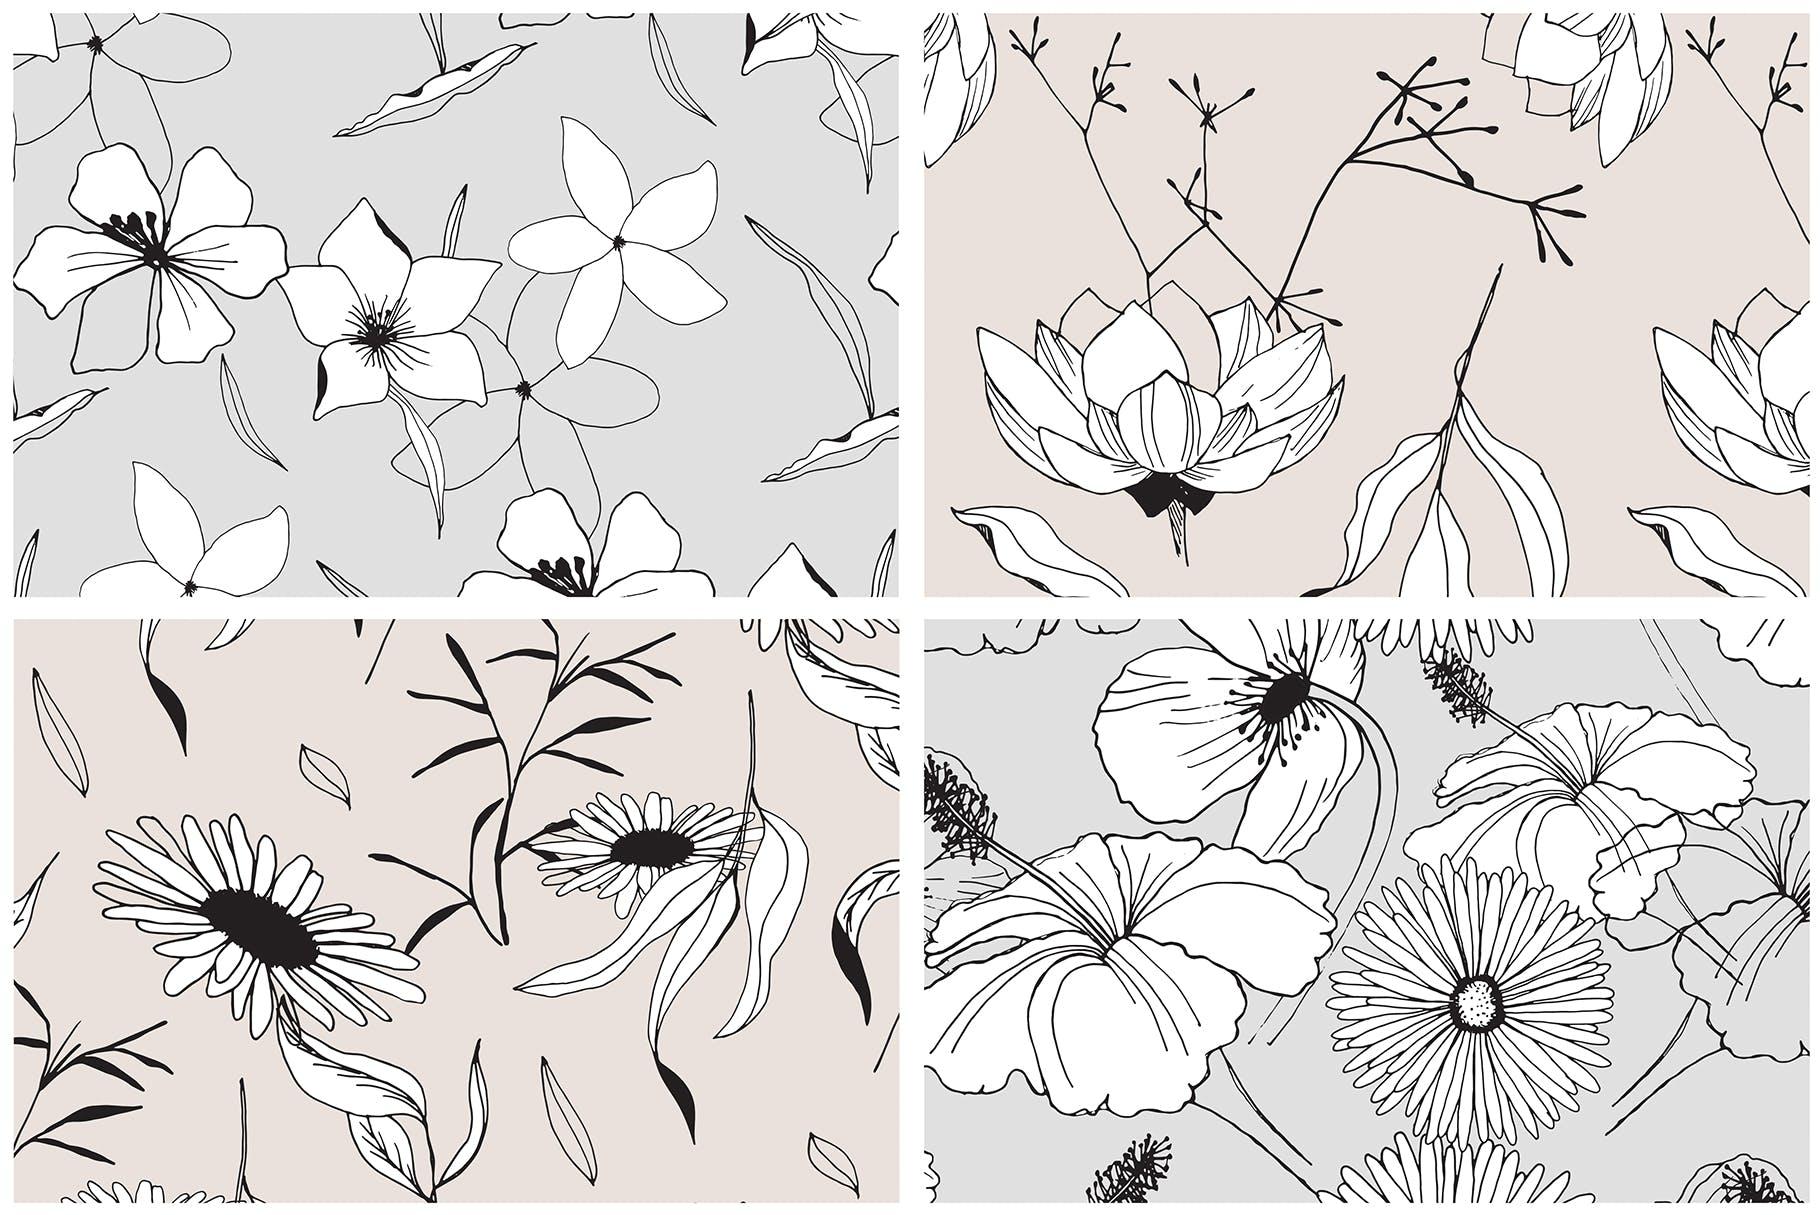 图形花卉图案装饰性元素图案花纹素材下载Graphic Flowers Patterns Elements插图(6)